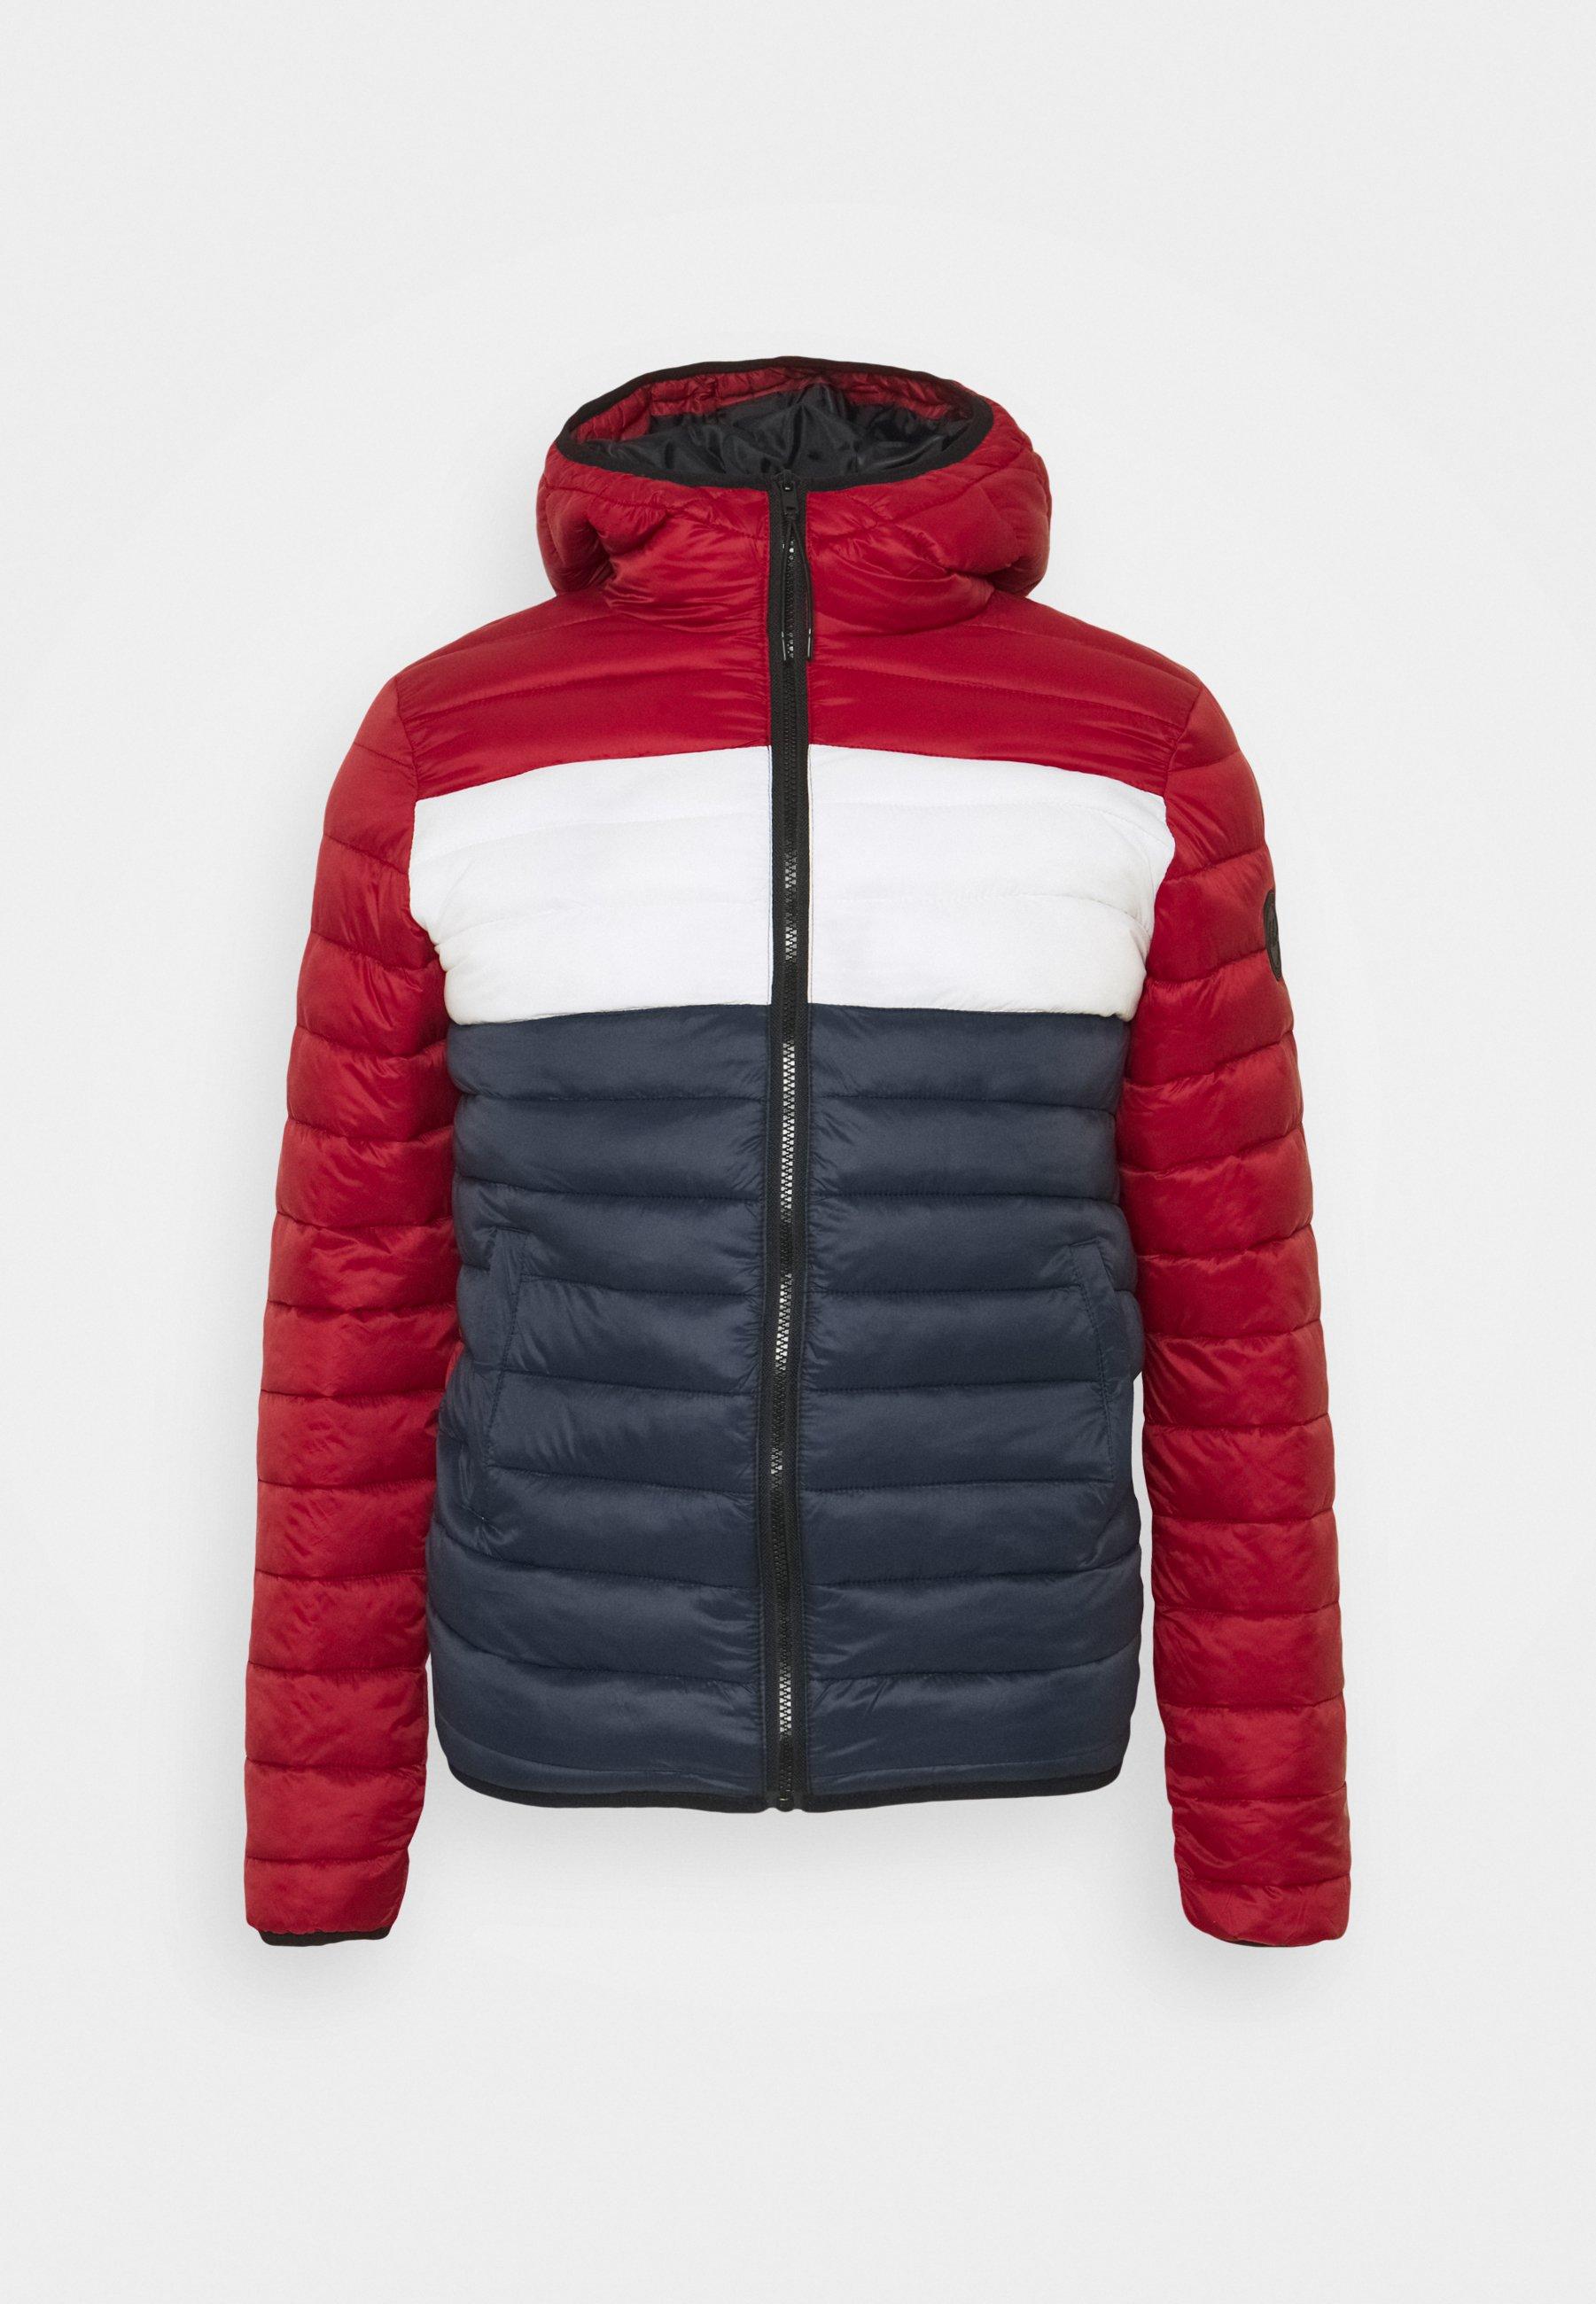 Lindbergh Jacken für Herren riesige Auswahl online   ZALANDO